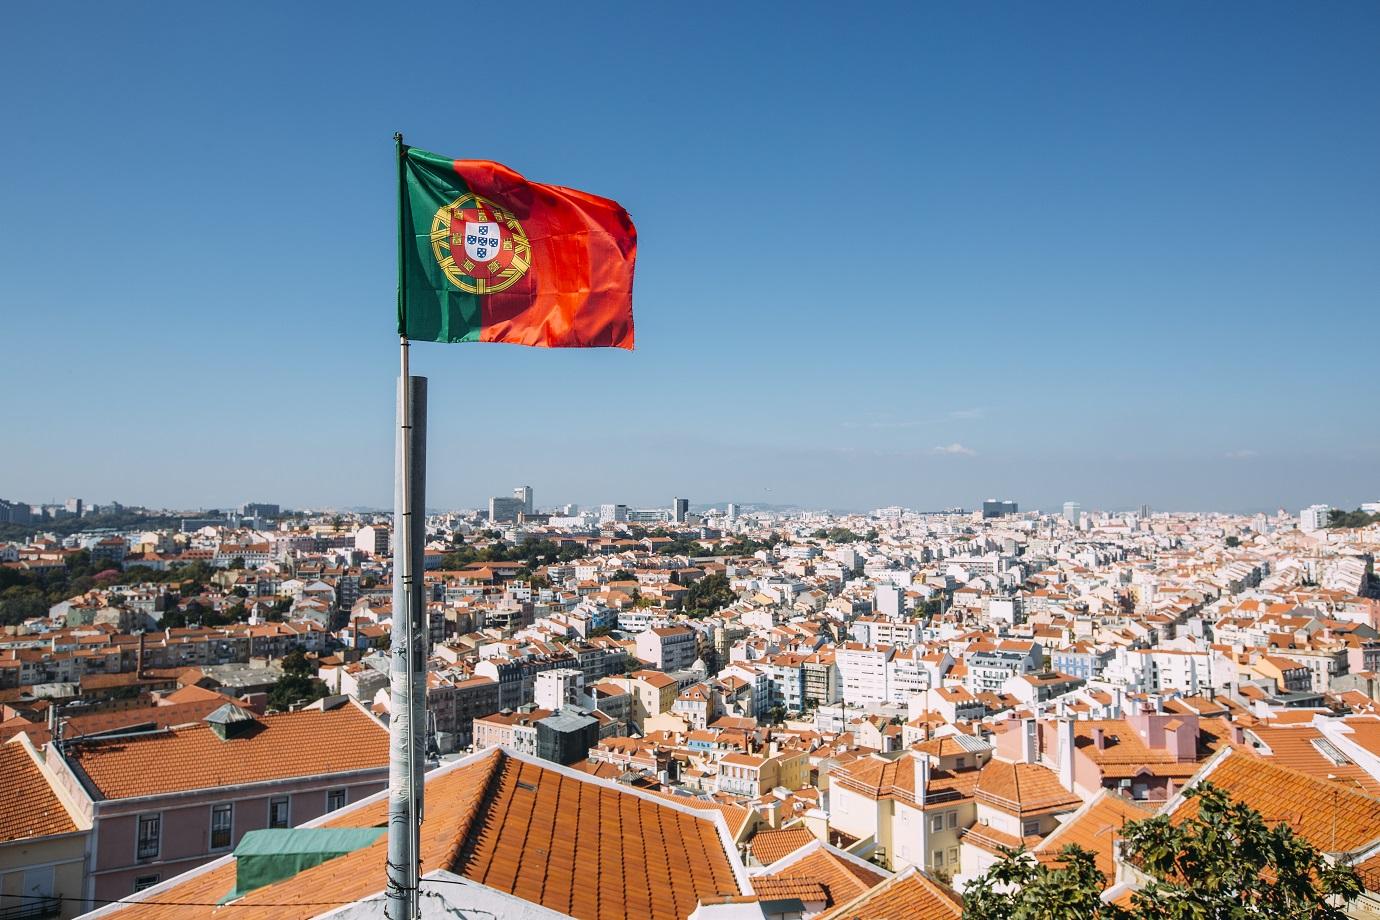 Novas regras para residir em Portugal a partir de 2022